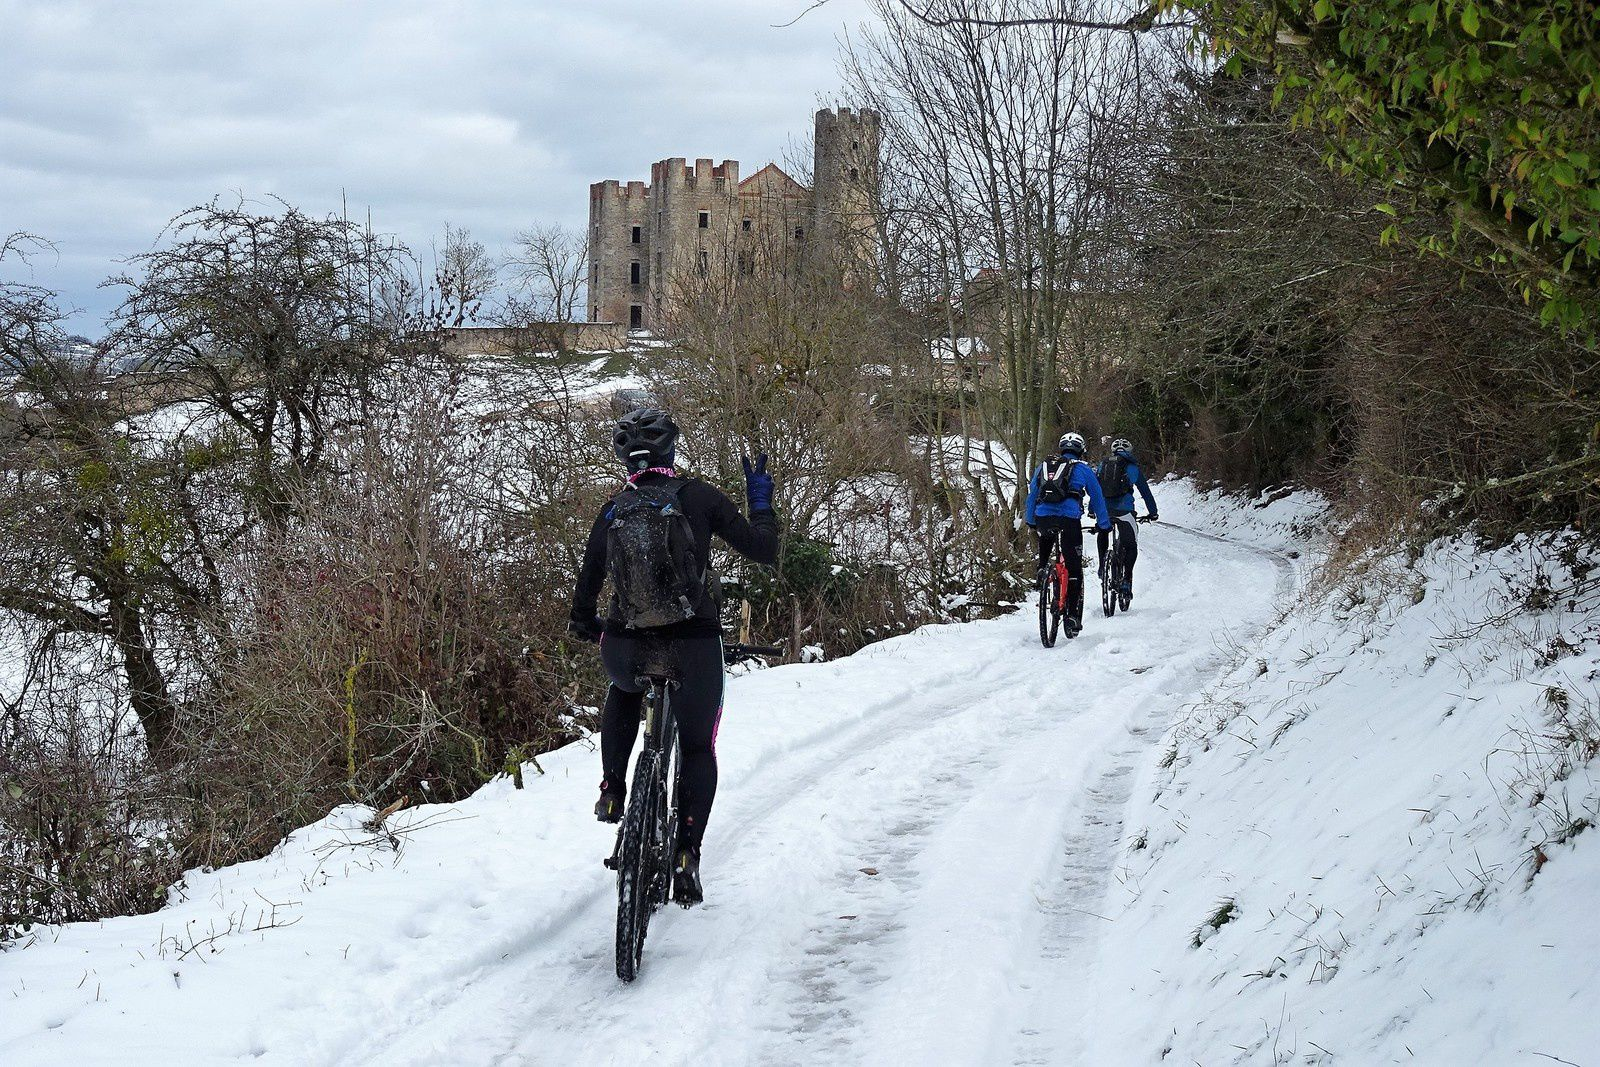 On poursuit la visite par le château d'Essalois. La neige tombée dans la semaine recouvre encore les chemins.